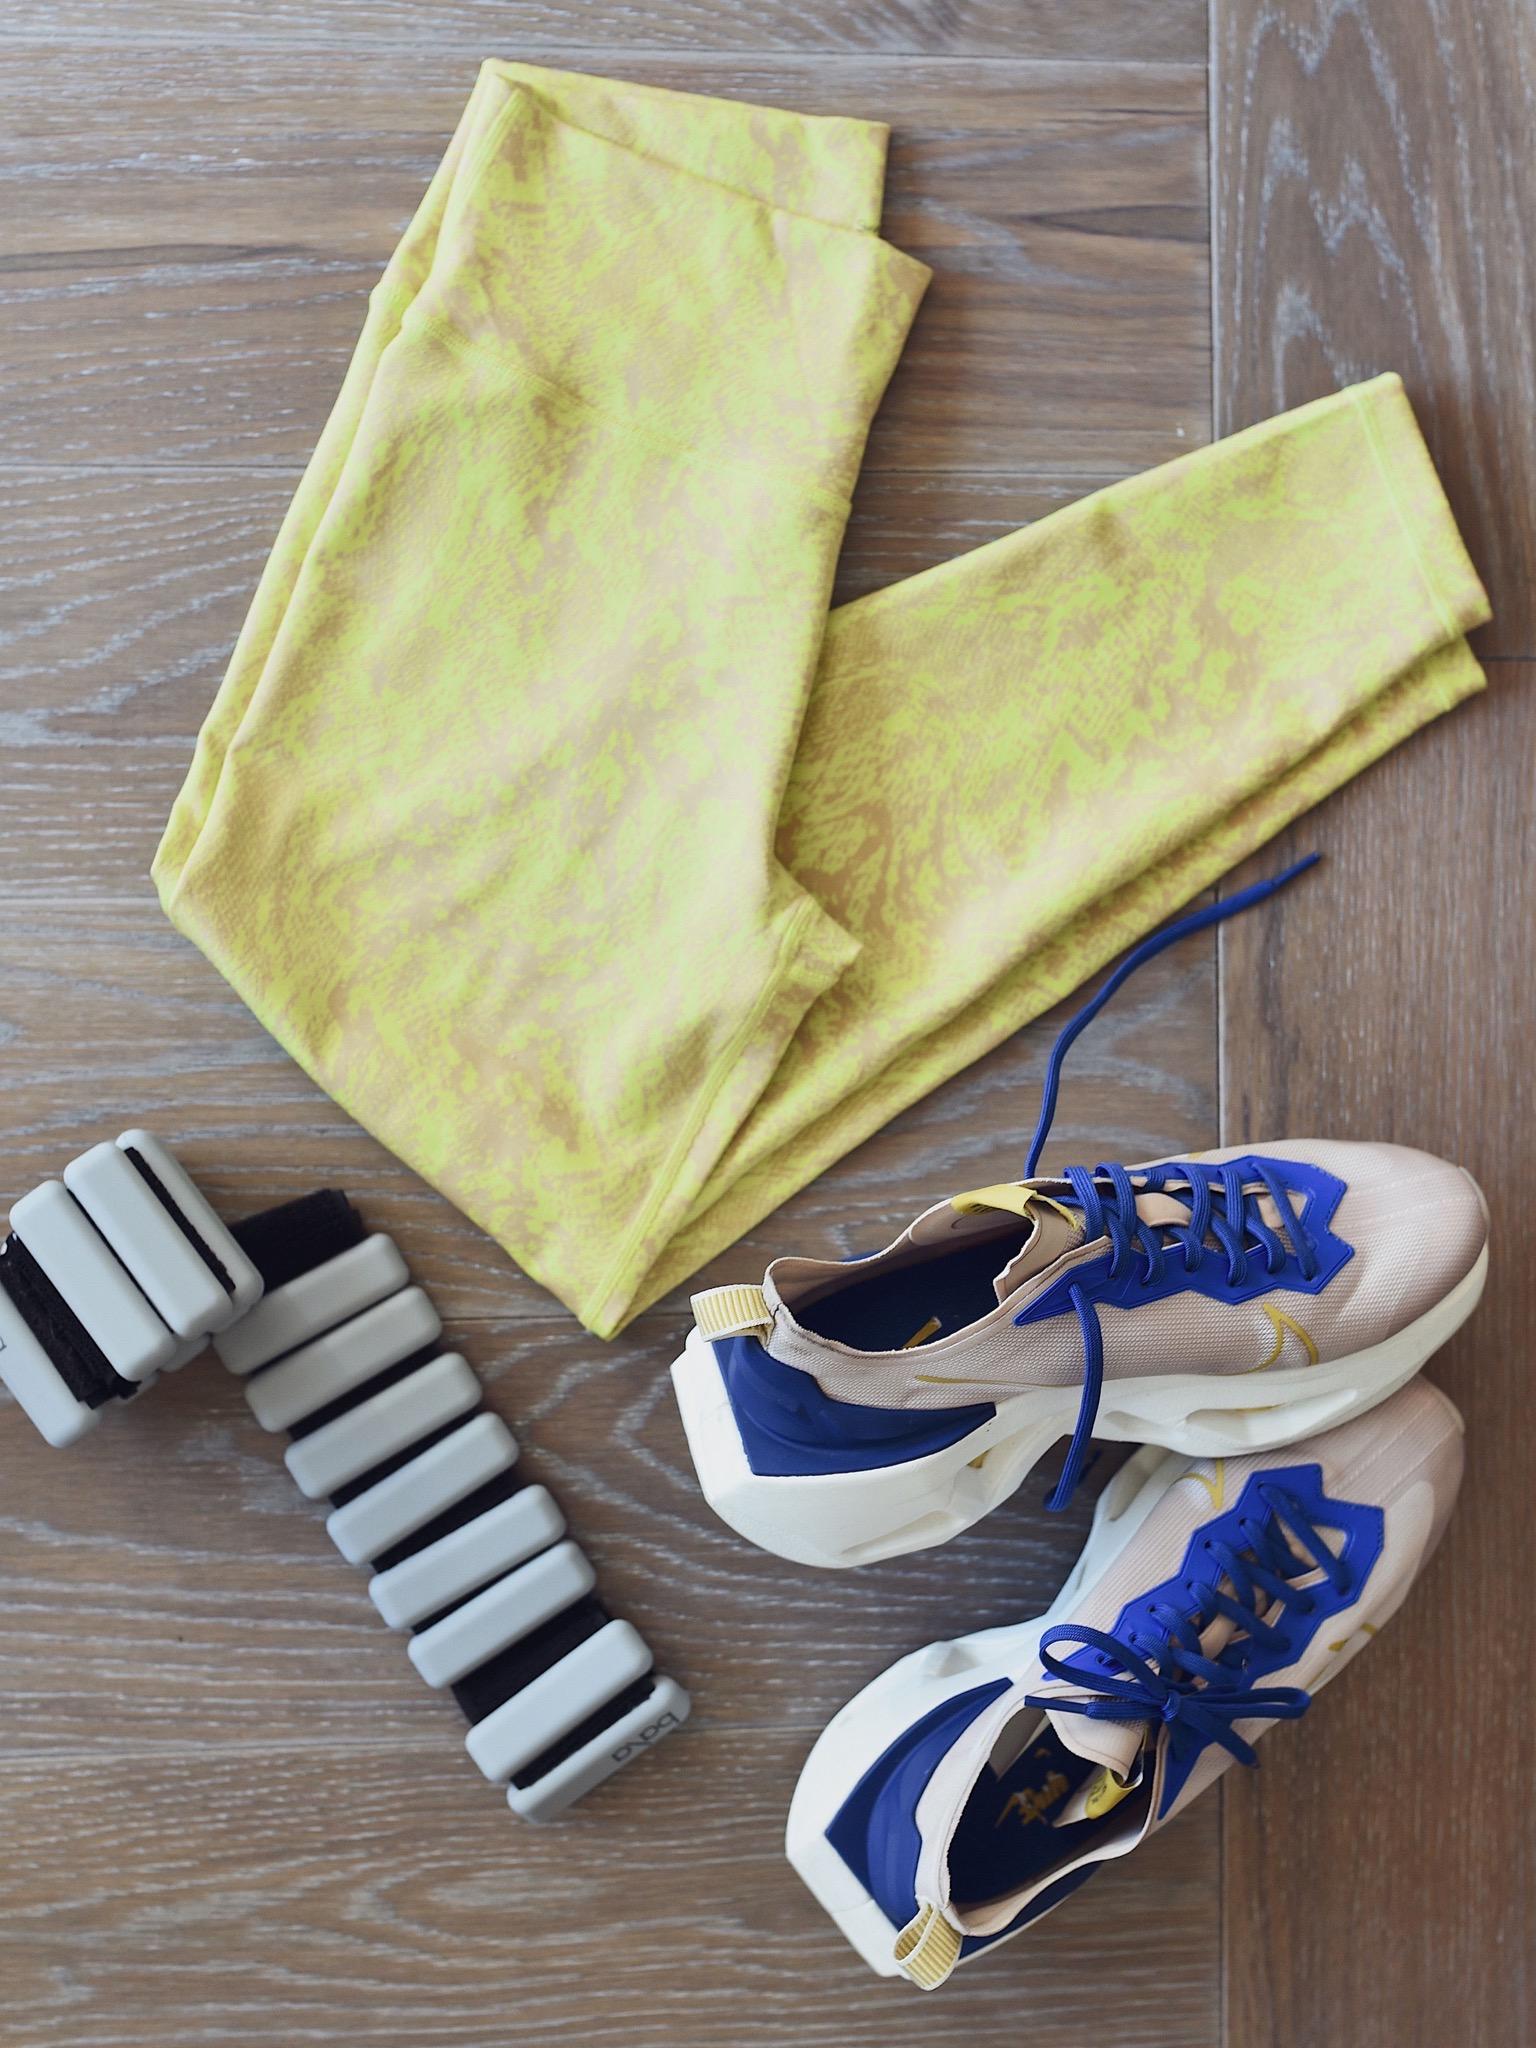 Bala Bangles Review, Bala Bangle, 1 lb Bala Bangles, Sweaty Betty Leggings, Nike Zoom